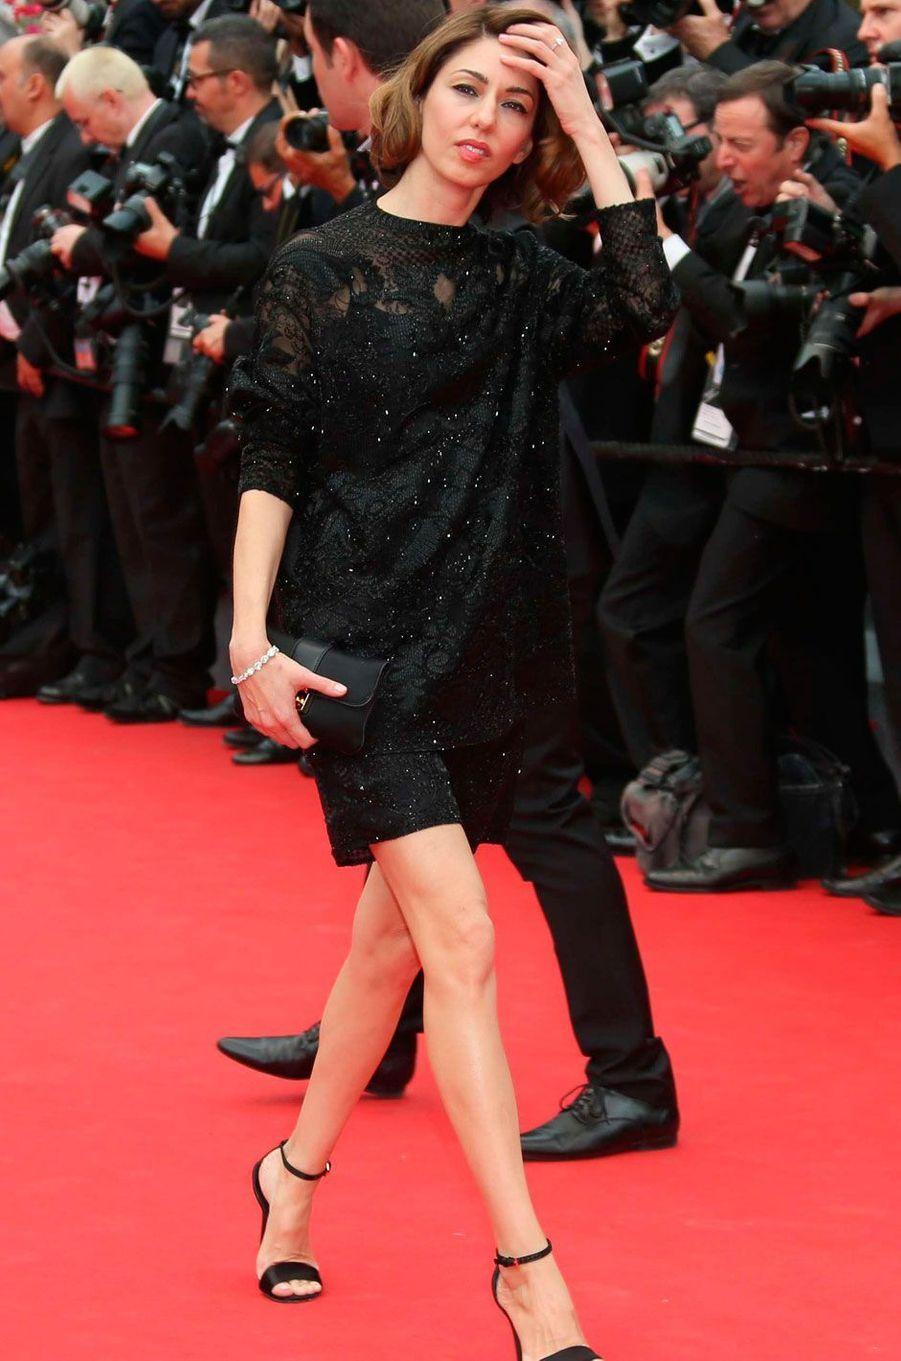 En 2014, Sofia Coppola estmembre du jury de la compétition.